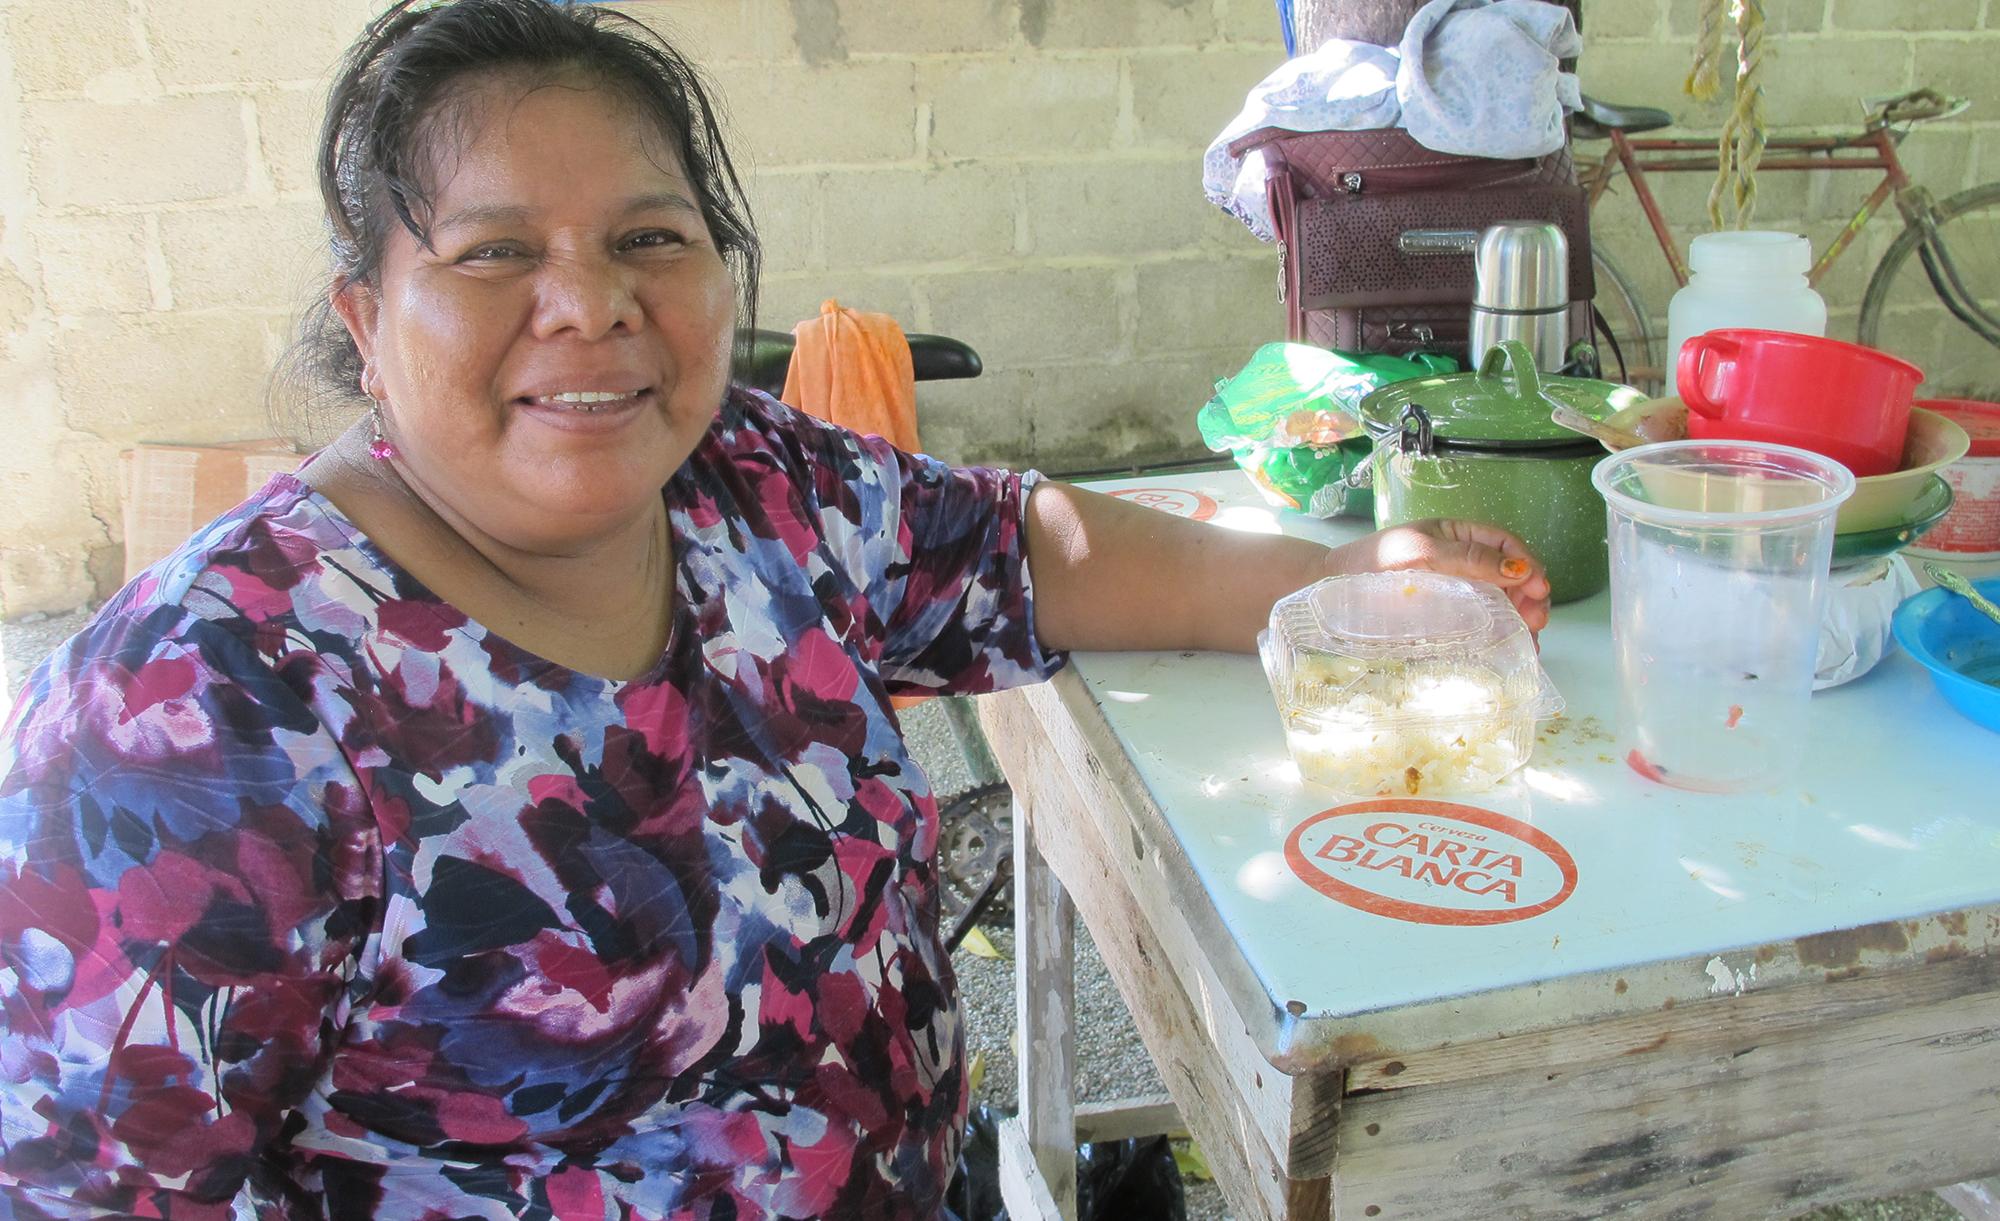 María López, de 53 años, presionó el presidente municipal de Chahuites para que el cumpliera su promesa de campaña de clausurar el albergue local para migrantes. Ella piensa que la llegada de migrantes ha aumentado la violencia en Chahuites.